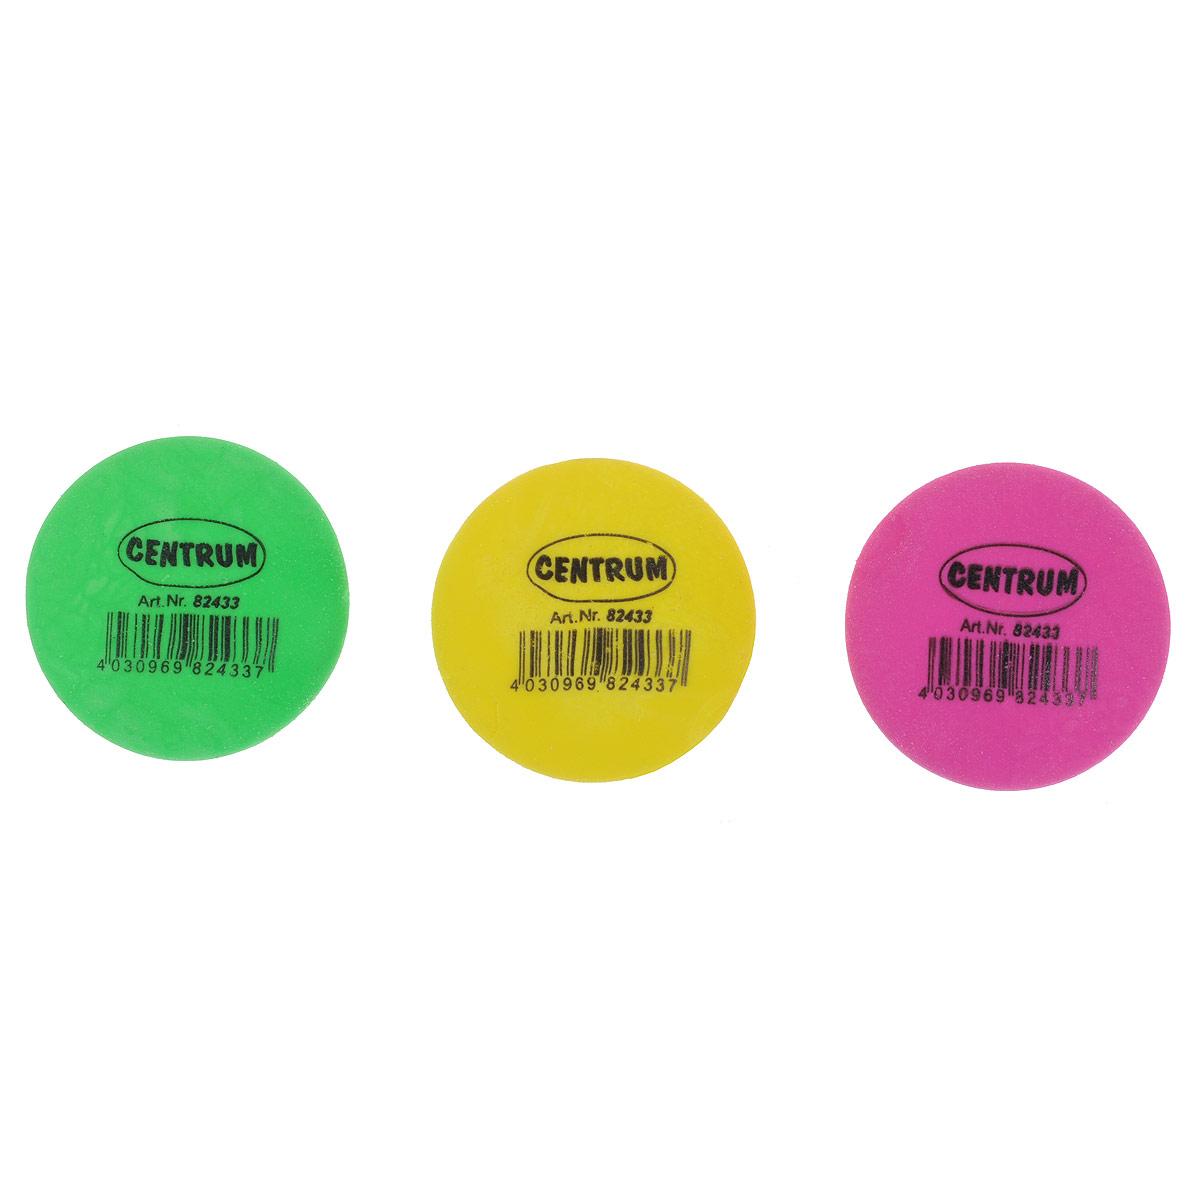 Набор ластиков Centrum Neon, 27 шт82433ОЛастики из набора Centrum Neon предназначены для стирания карандашей с бумаги различной плотности. Круглые ластики выполнены из синтетического каучука ярких неоновых цветов. В наборе 27 ластиков розового, желтого и зеленого цветов (по 7 ластиков каждого цвета), упакованных в отдельные пакеты.